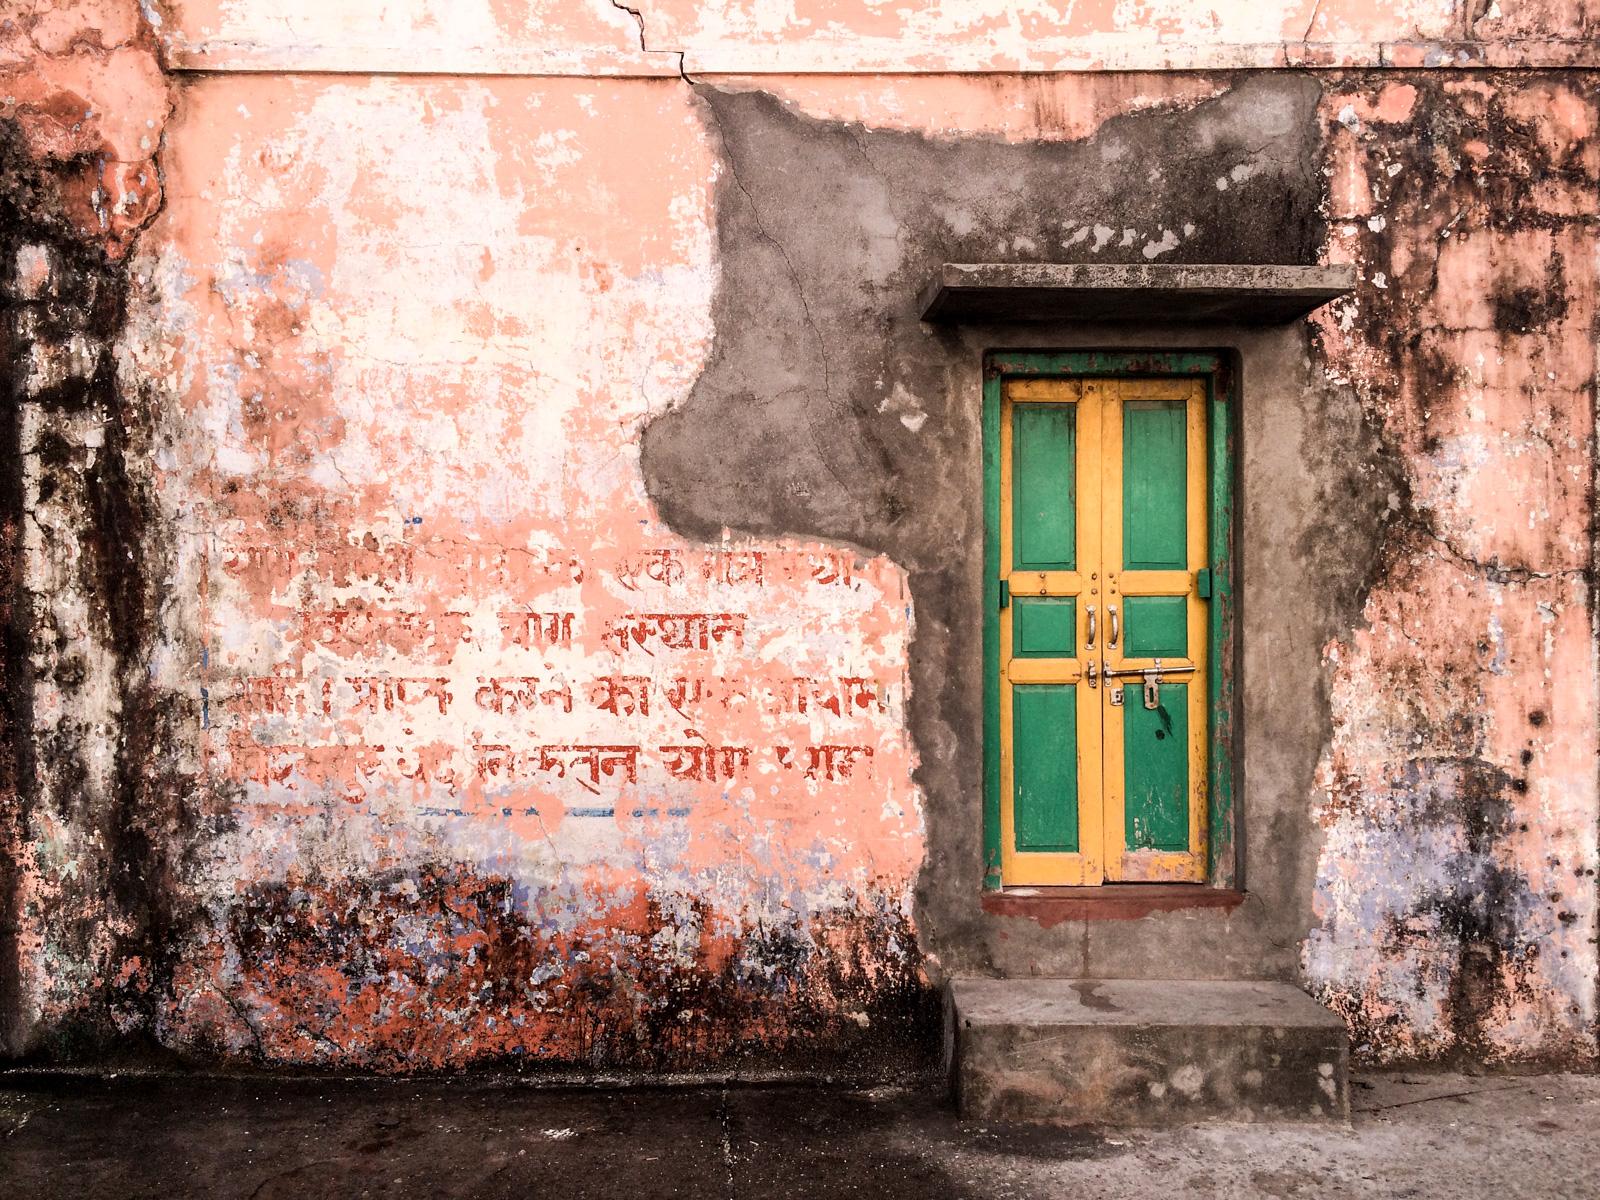 Rishikesh-Uttakarand-India-AmyRolloPhoto-2188.jpg